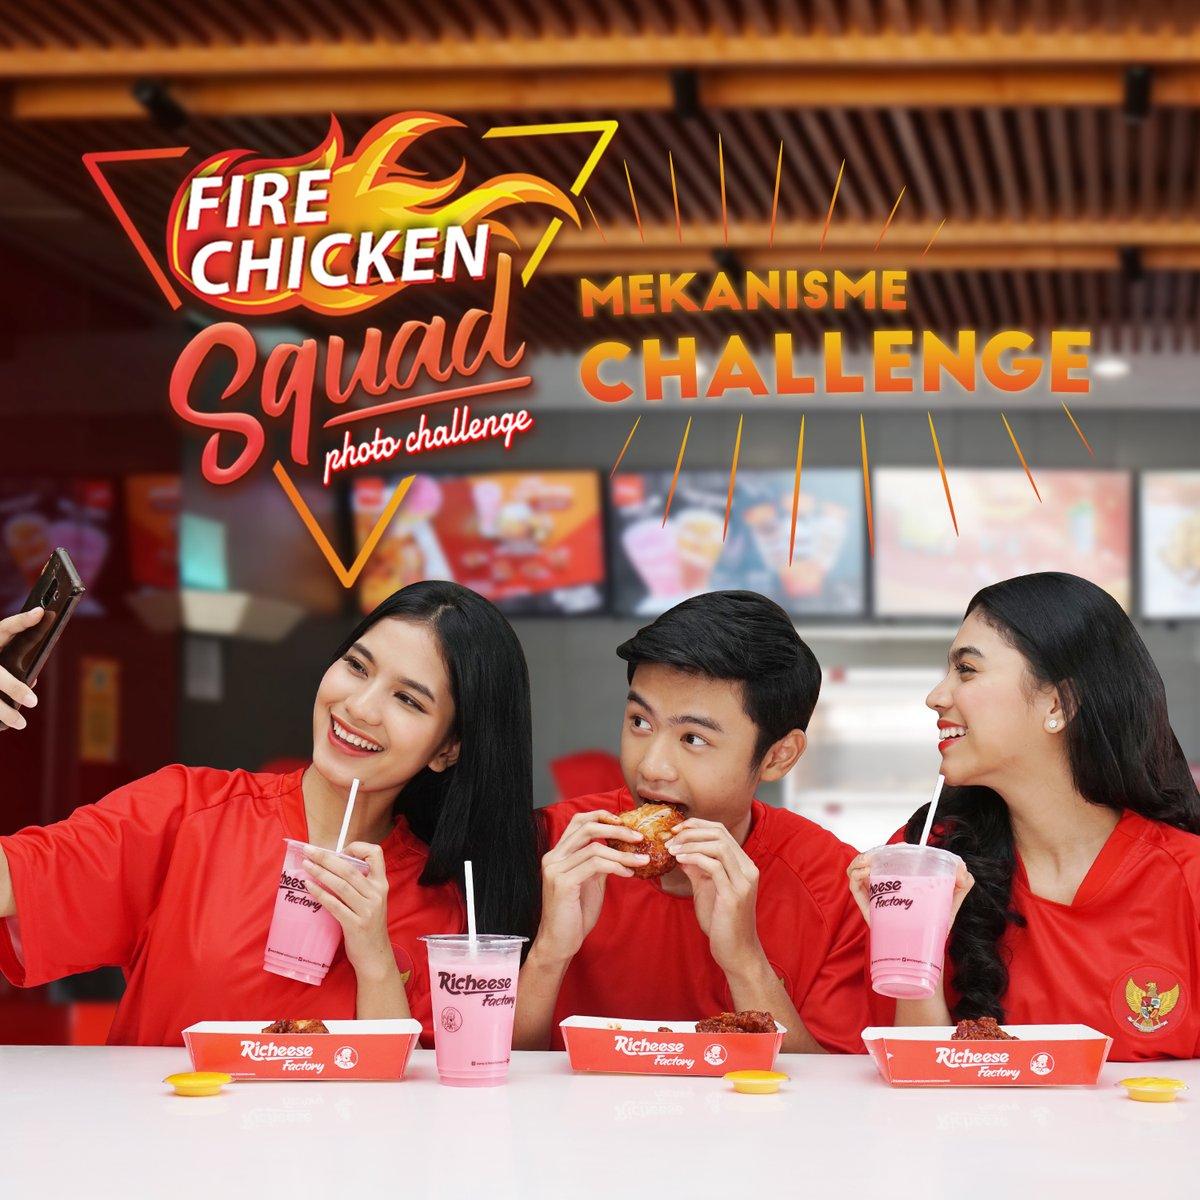 RicheeseFactory - Promo Makan 1 Tahun Ikutan Fire Chicken Challenge (s.d 16 Des 2018)